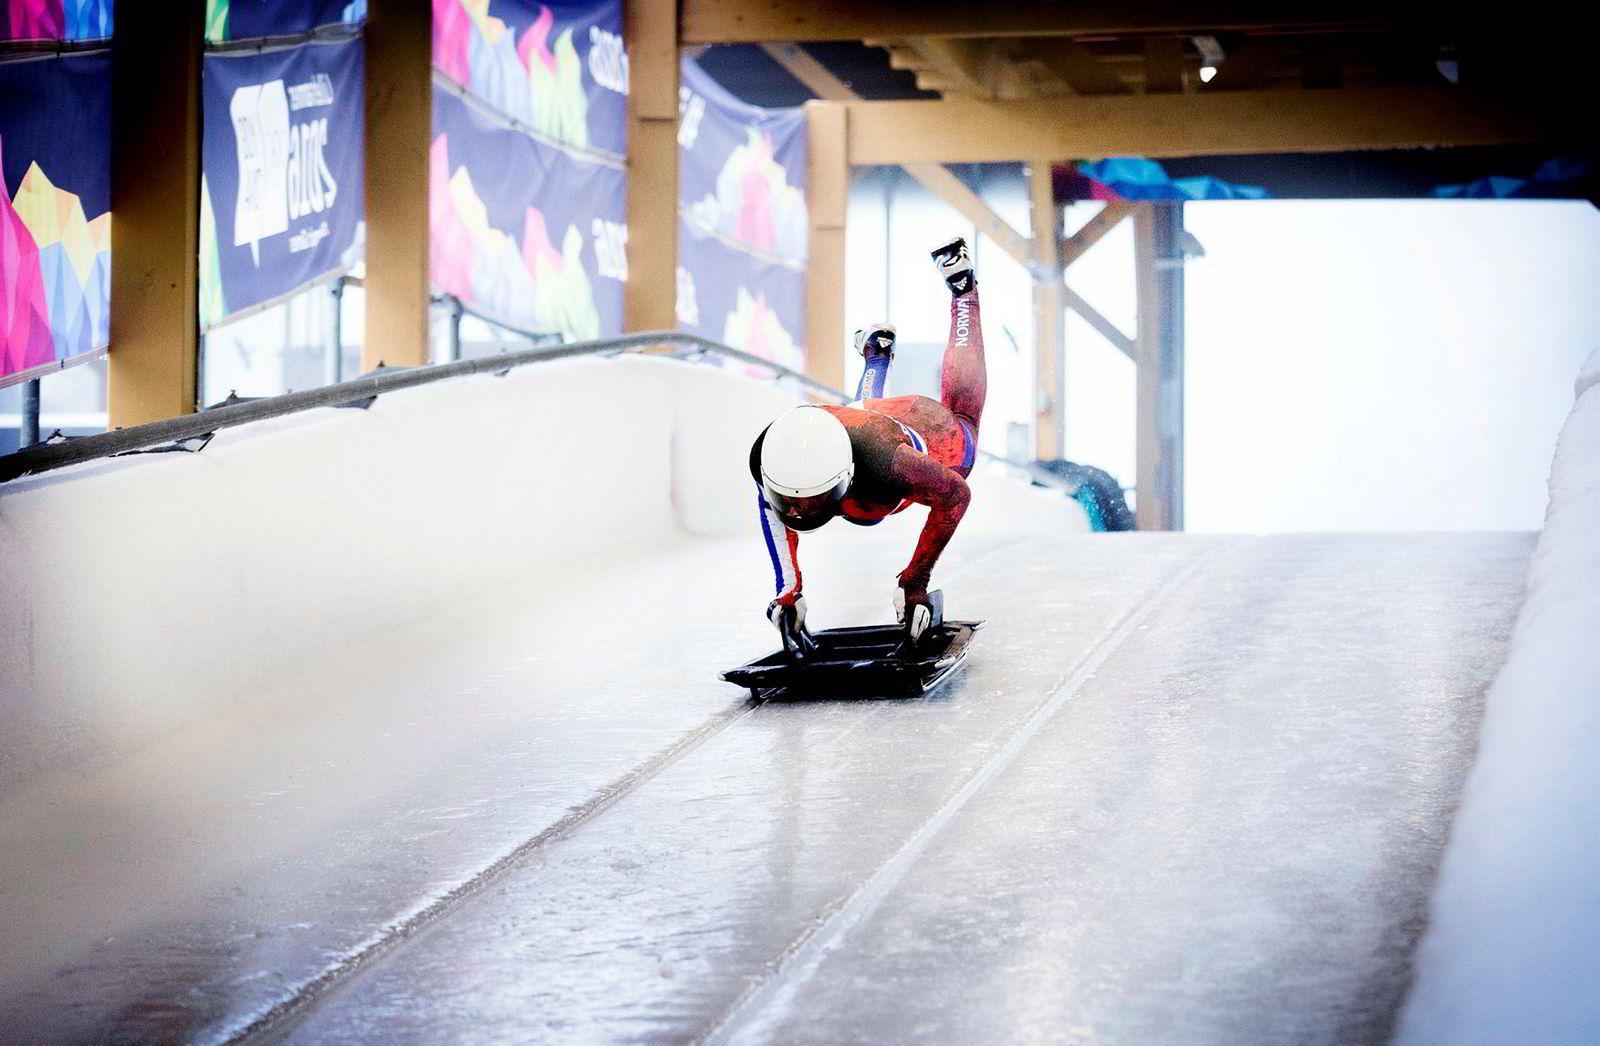 Maya Pedersen tok i 2006 OL-gull i skeleton for Sveits. Nå er målet å ta OL-gull i samme disiplin for Norge i OL i Sør-Korea. Både den gang og nå er treneren hennes Snorre Pedersen.